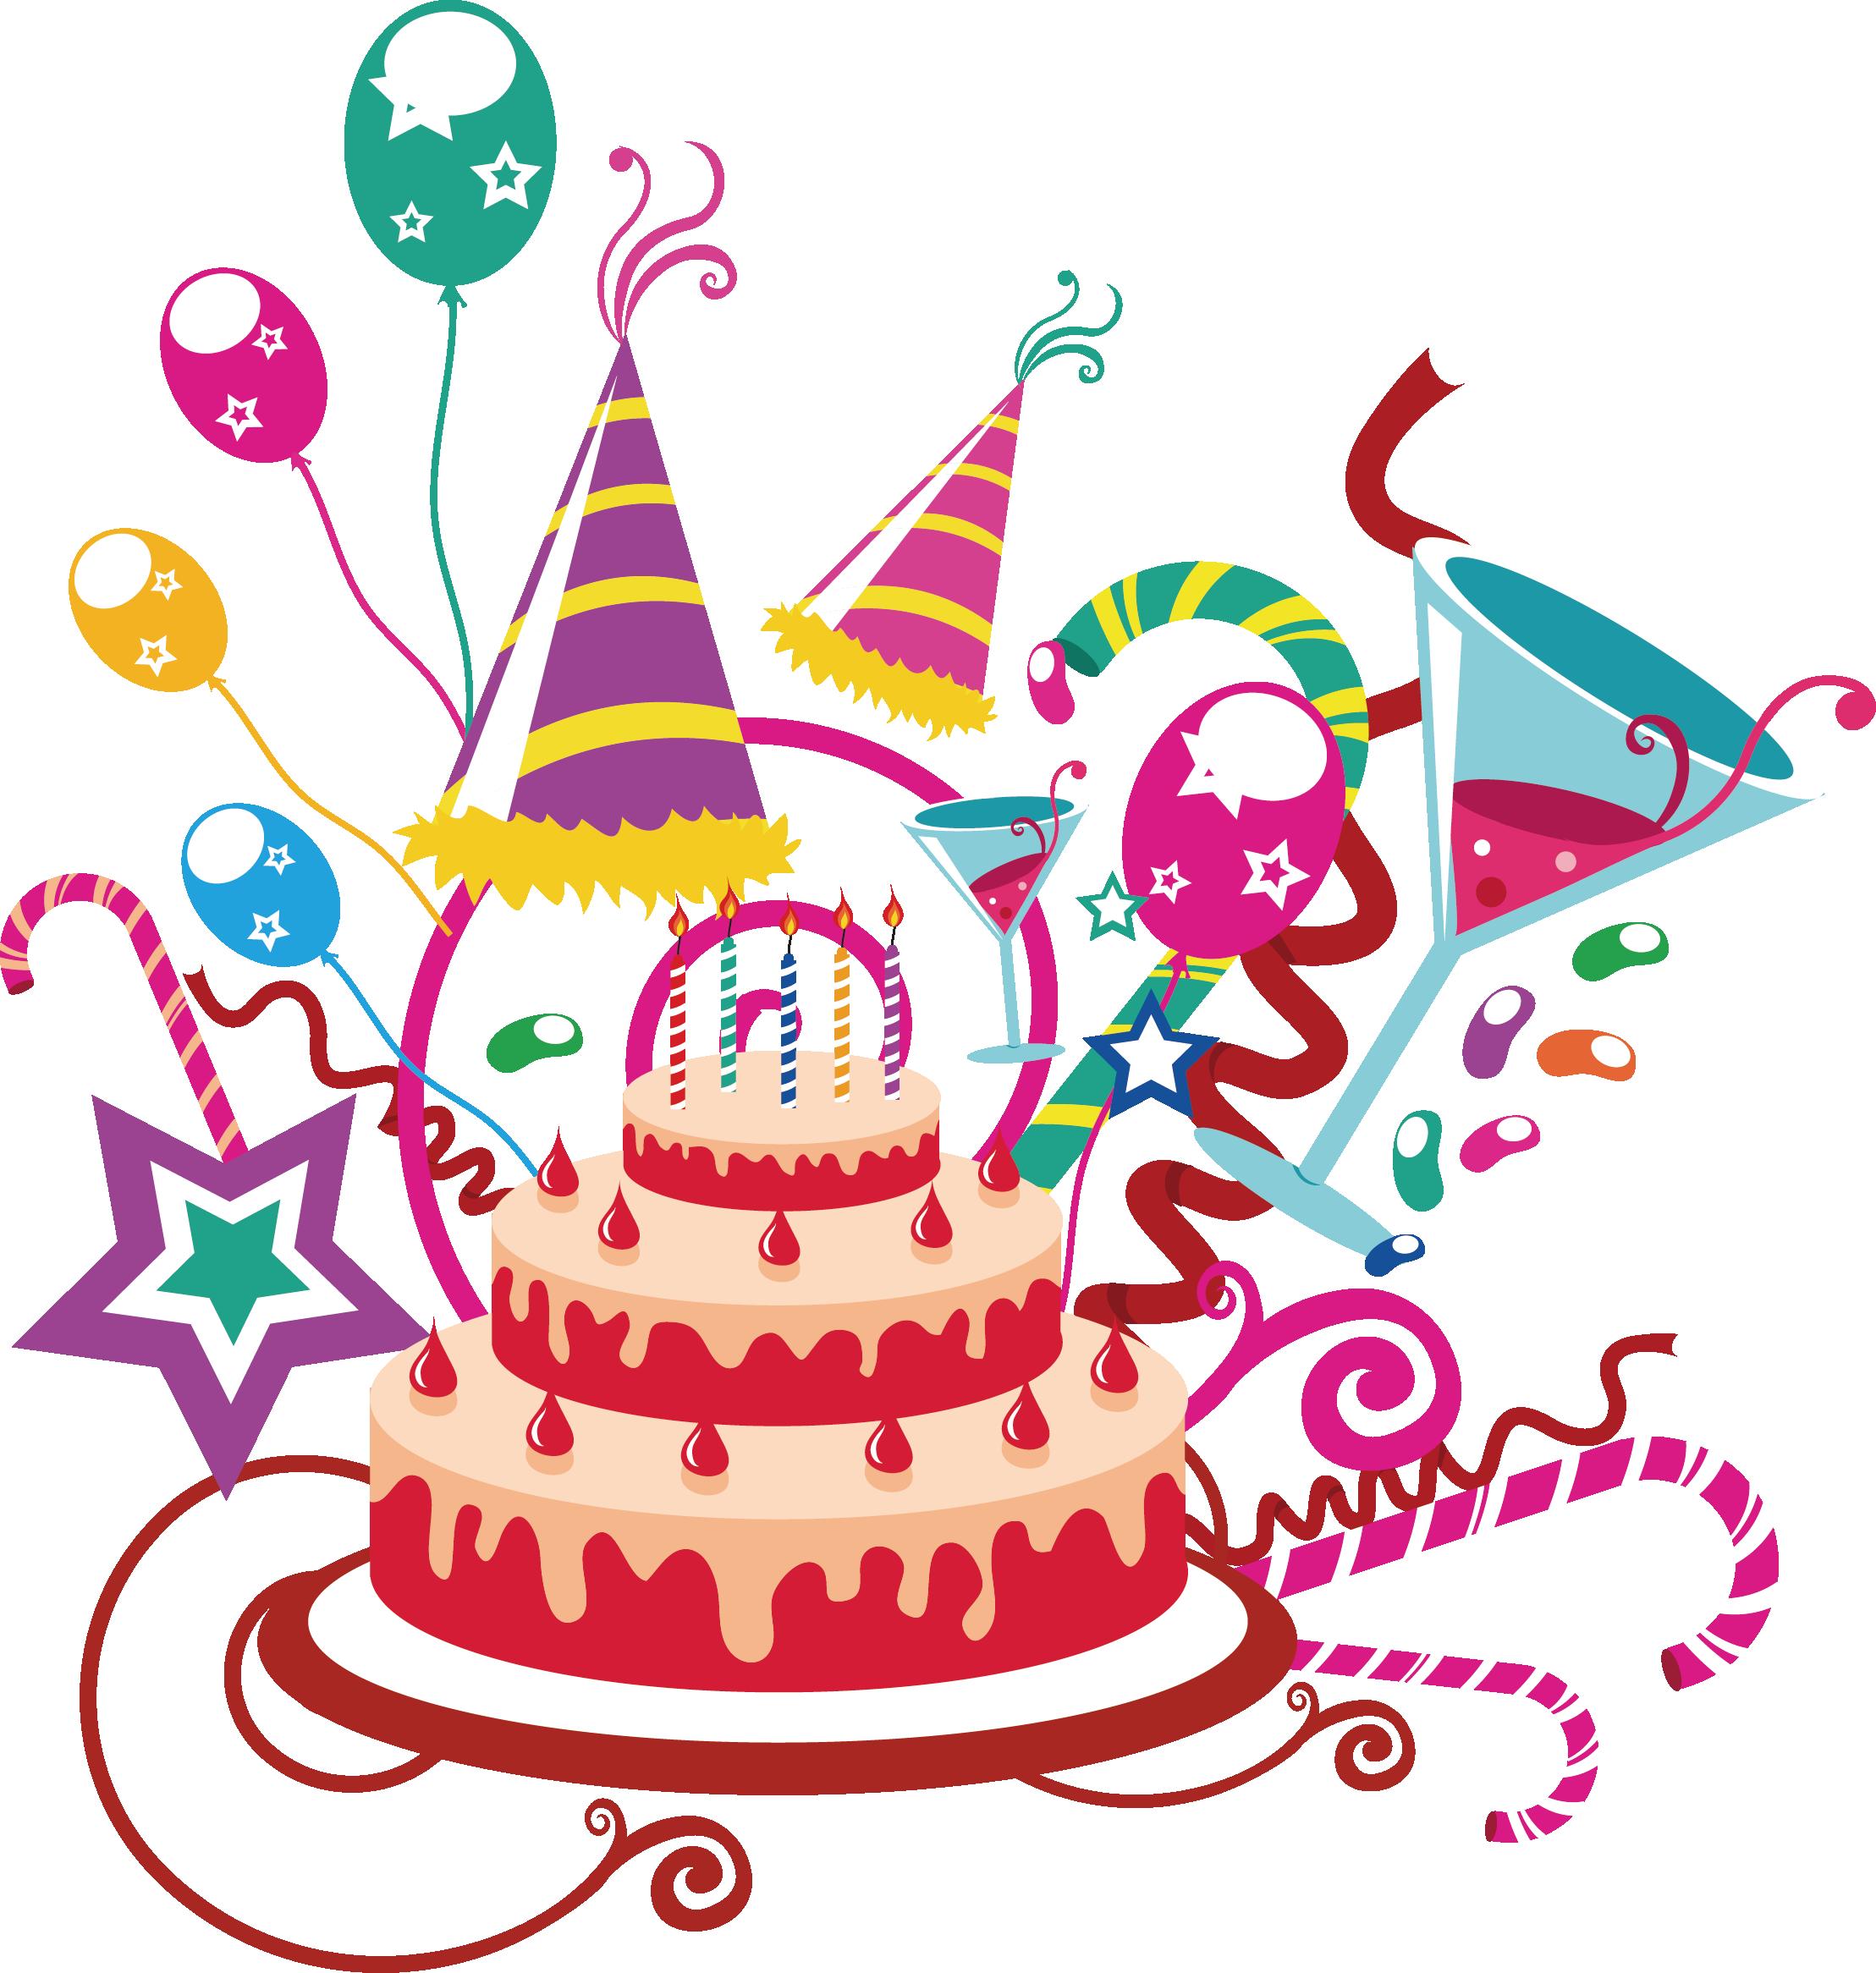 Картинки с днем рождения векторные